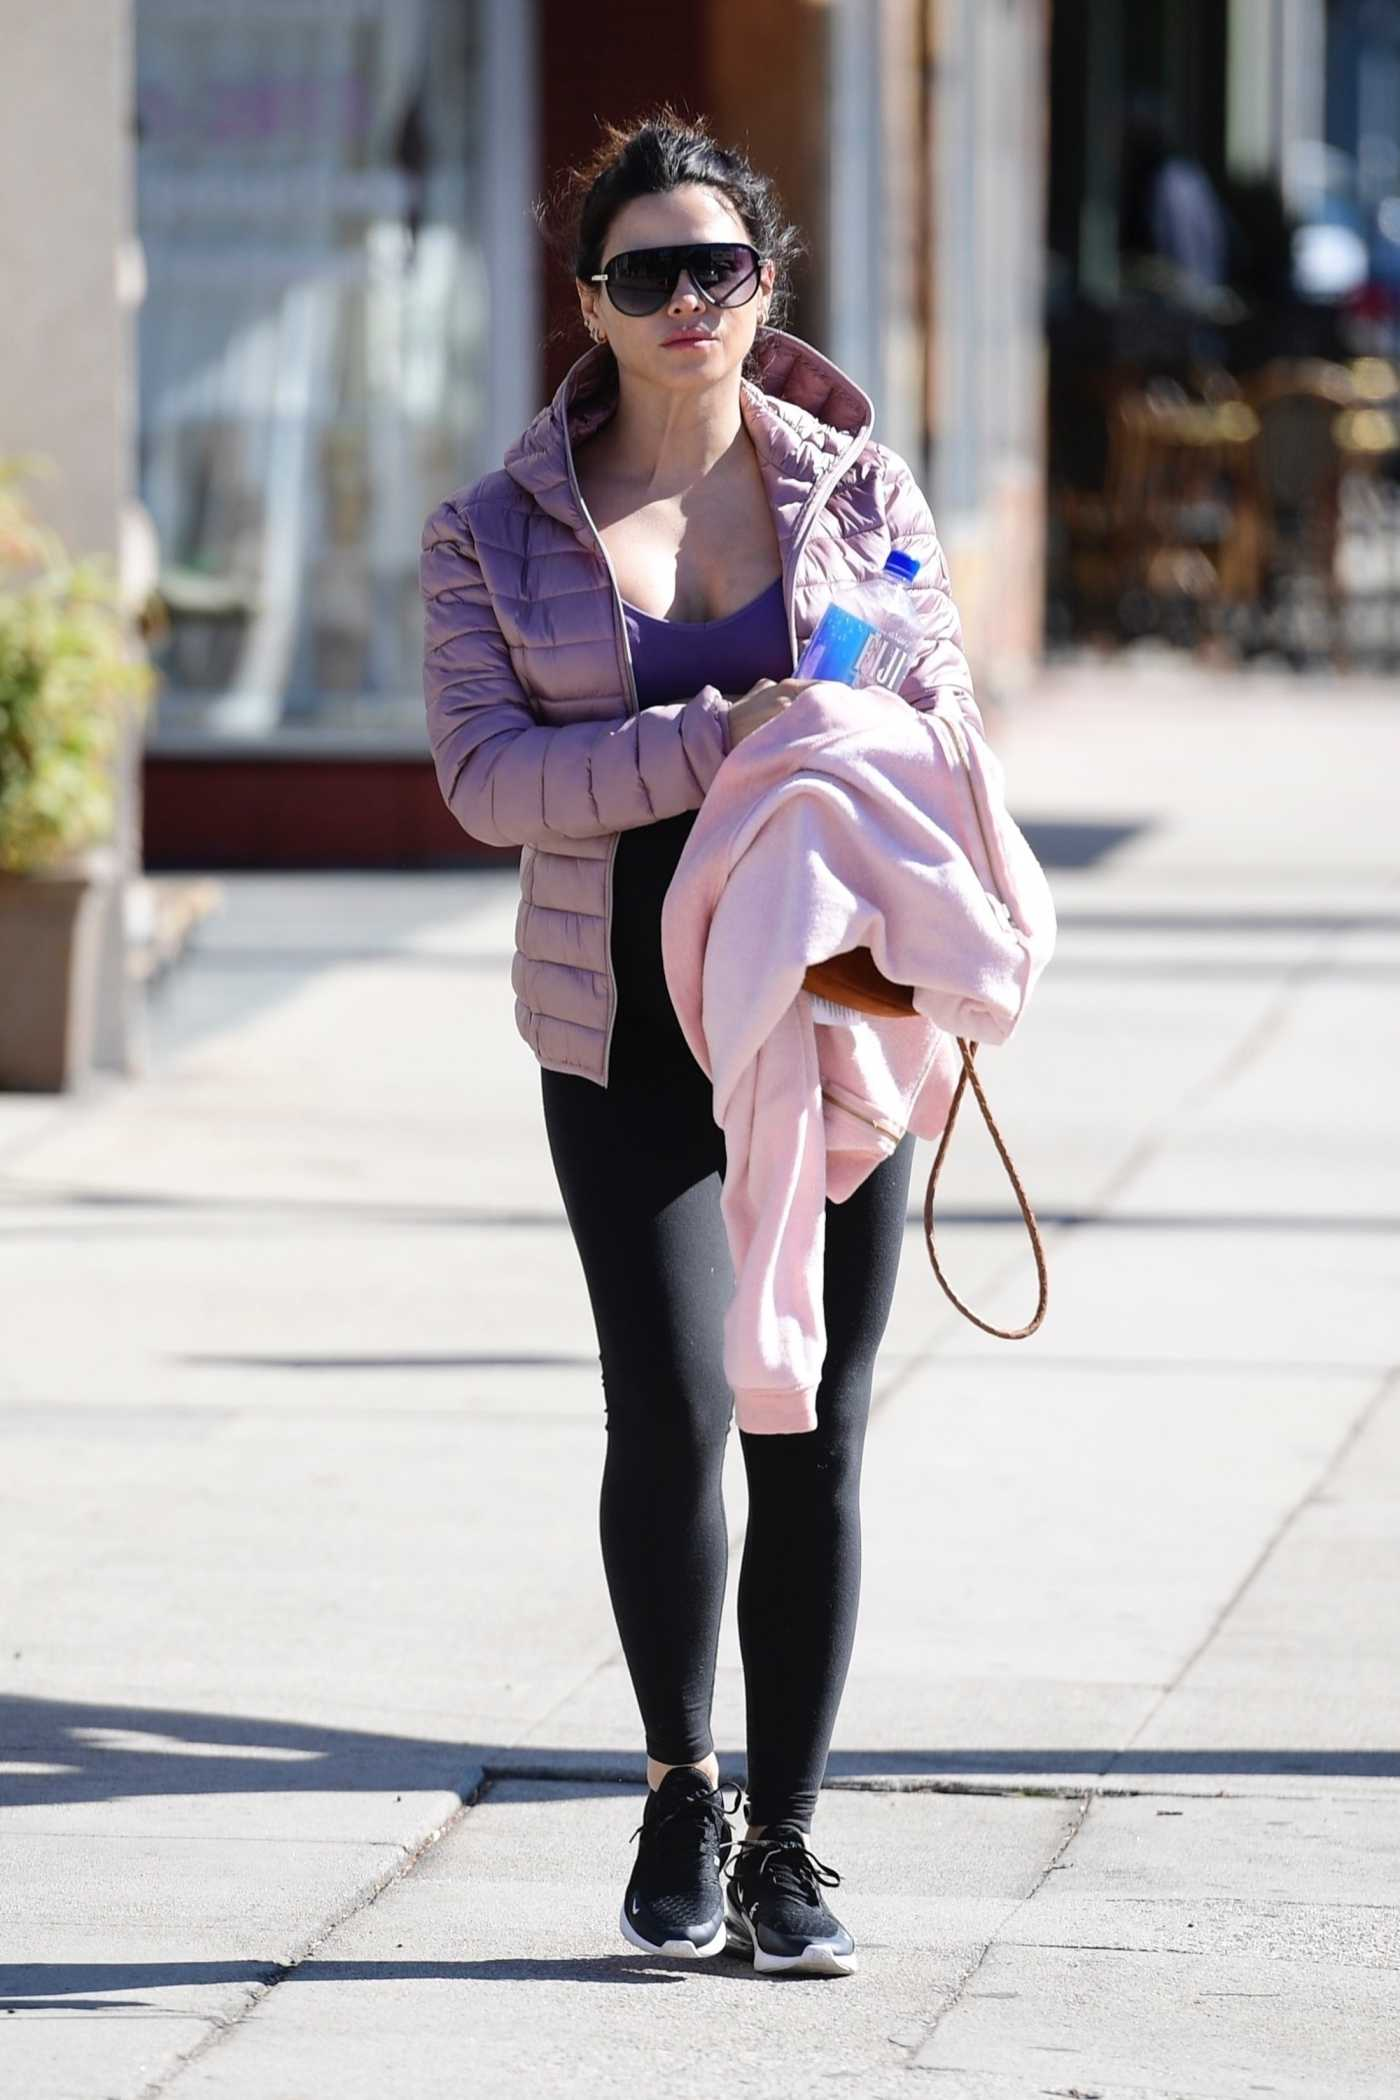 Jenna Dewan in a Black Sneakers Was Seen Out in Studio City 02/03/2020